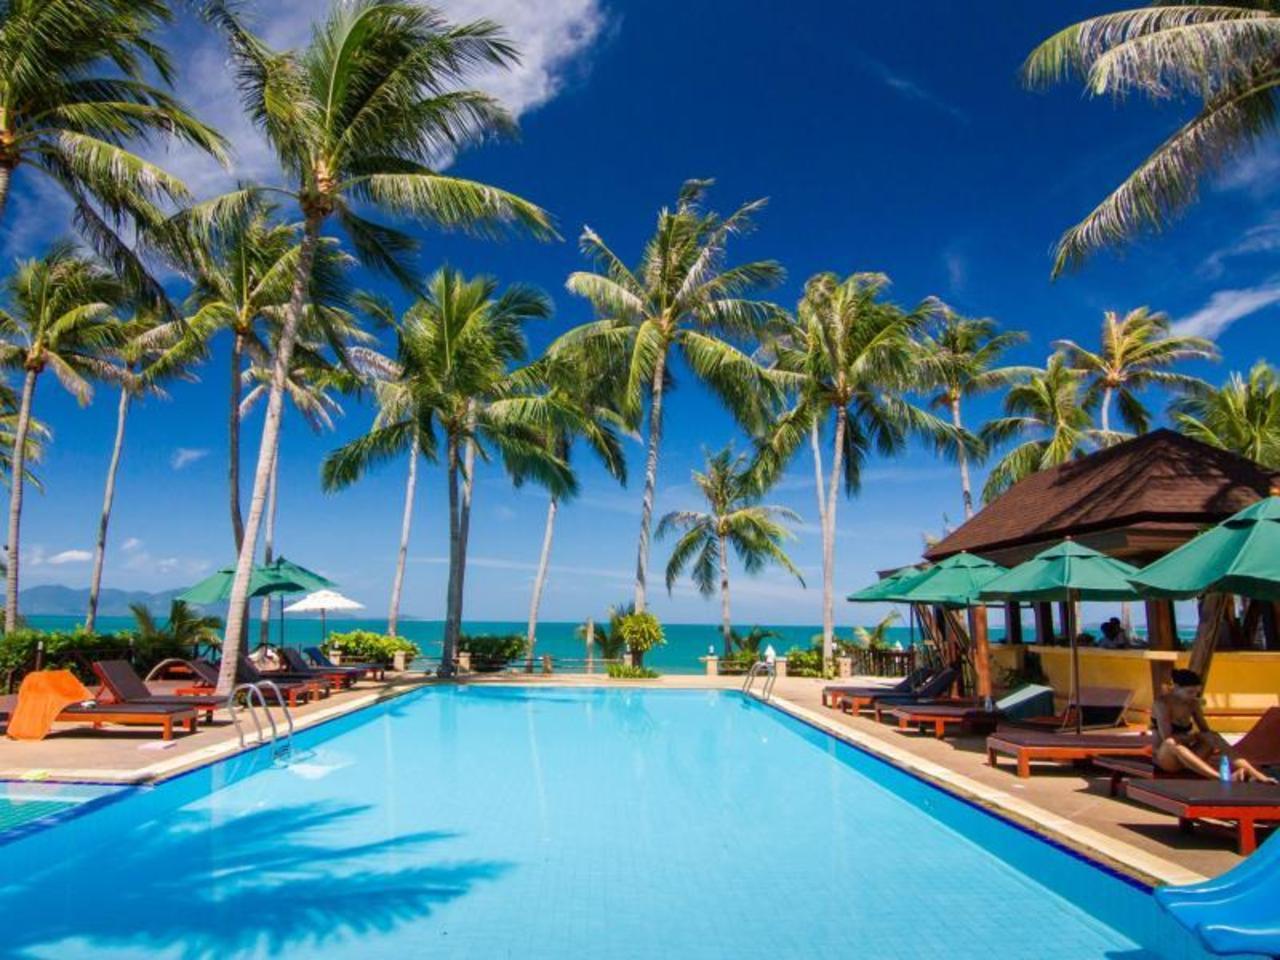 โคโค่ปาล์ม บีช รีสอร์ท (Cocopalm Beach Resort)